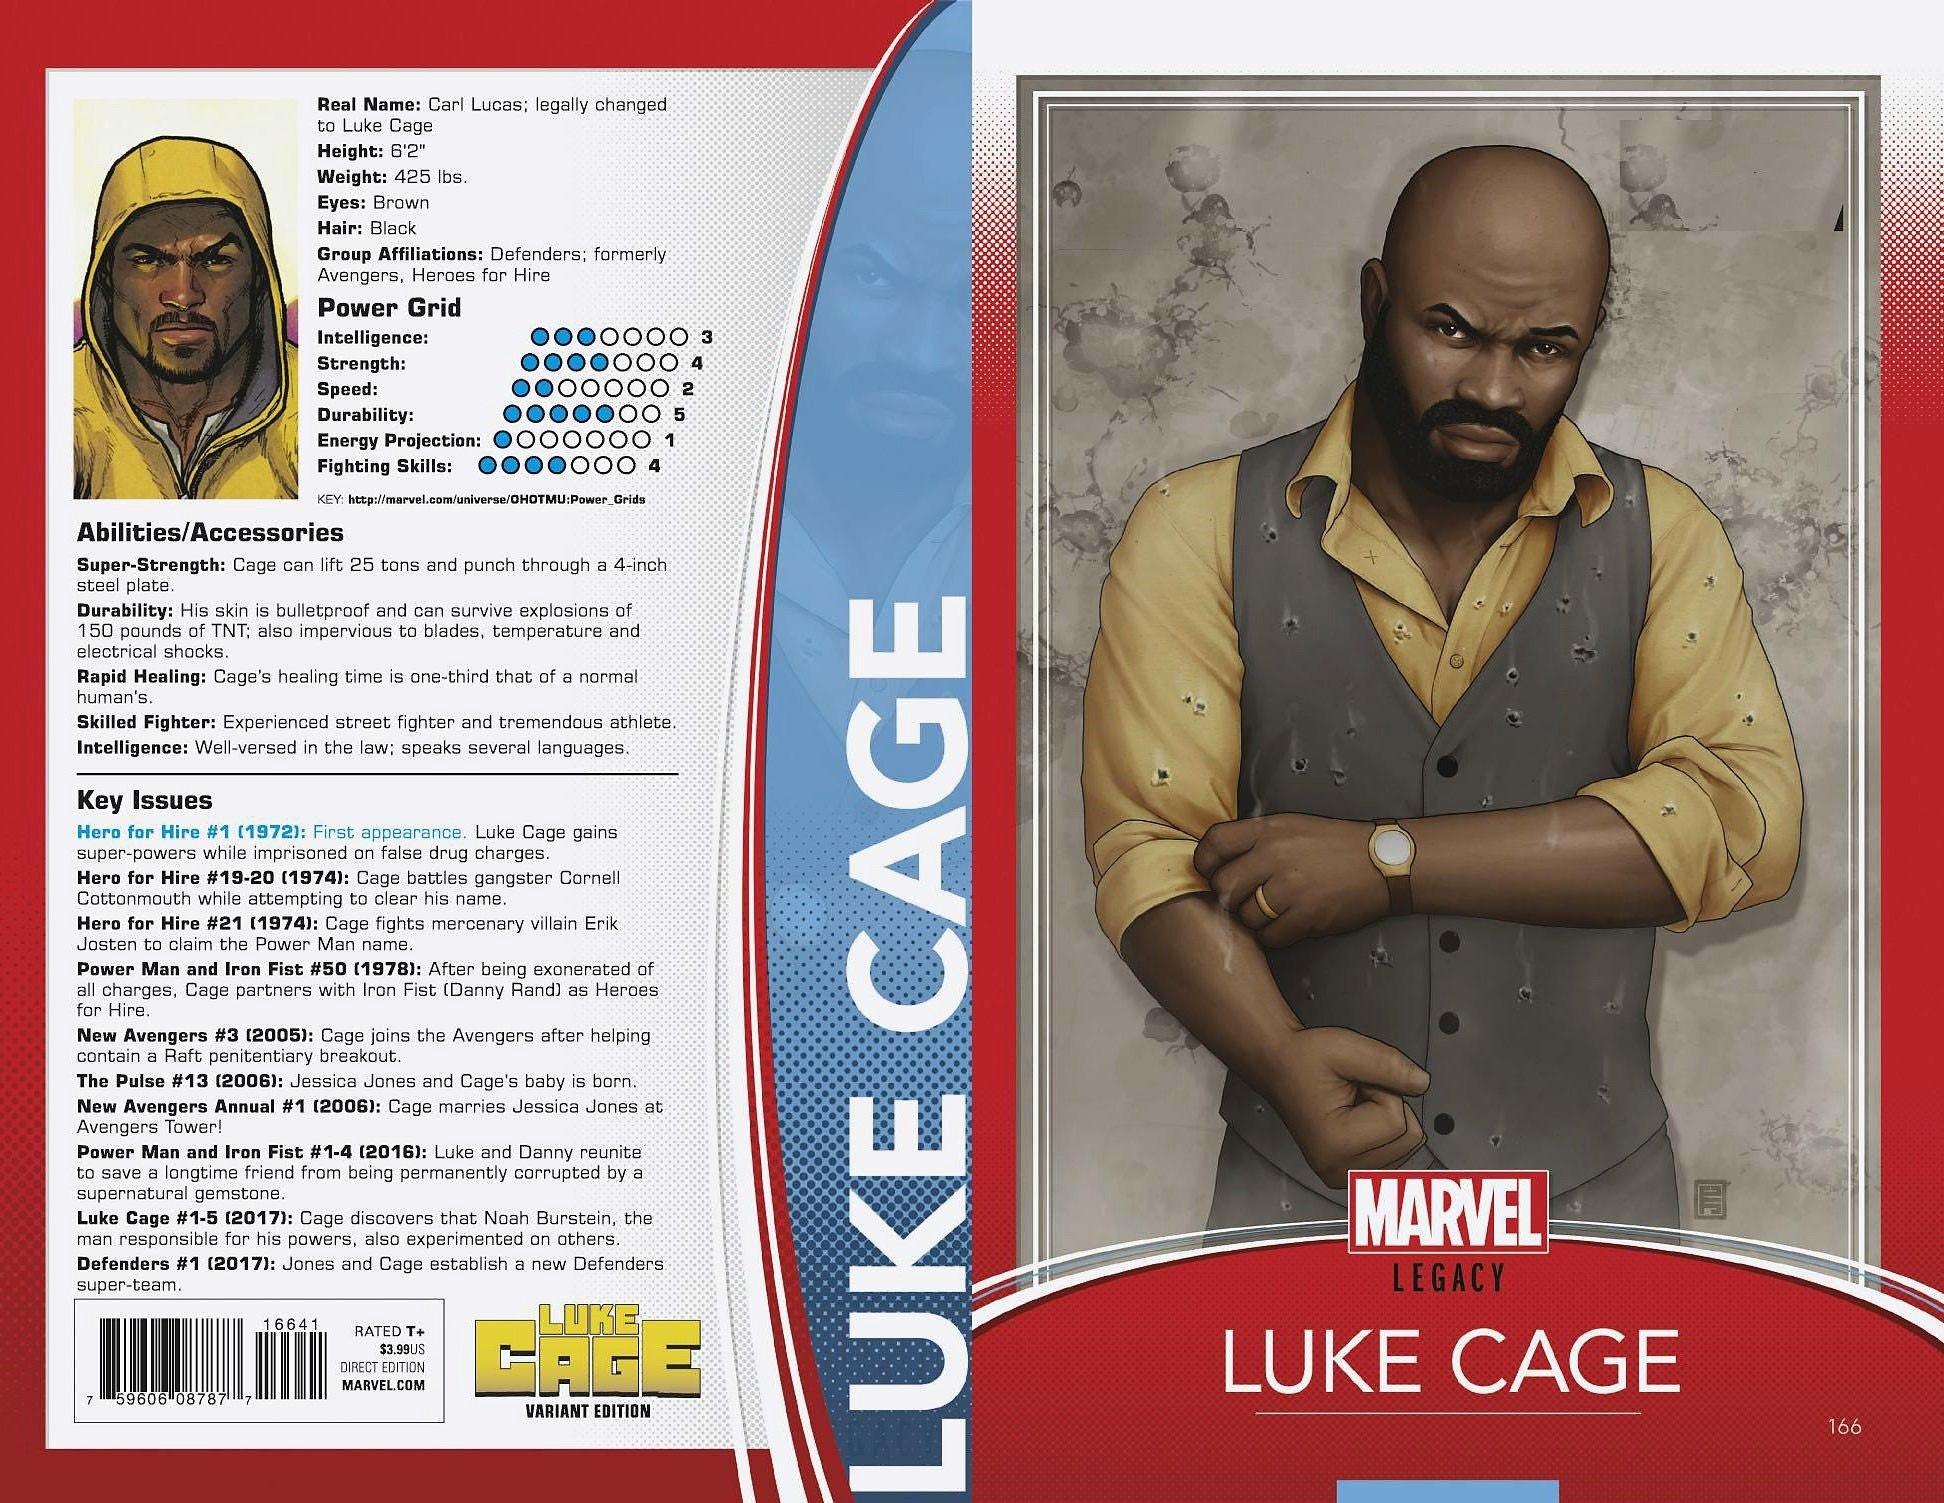 Luke Cage #166 John Tyler Christopher Trading Card Variant Marvel Legacy 2017